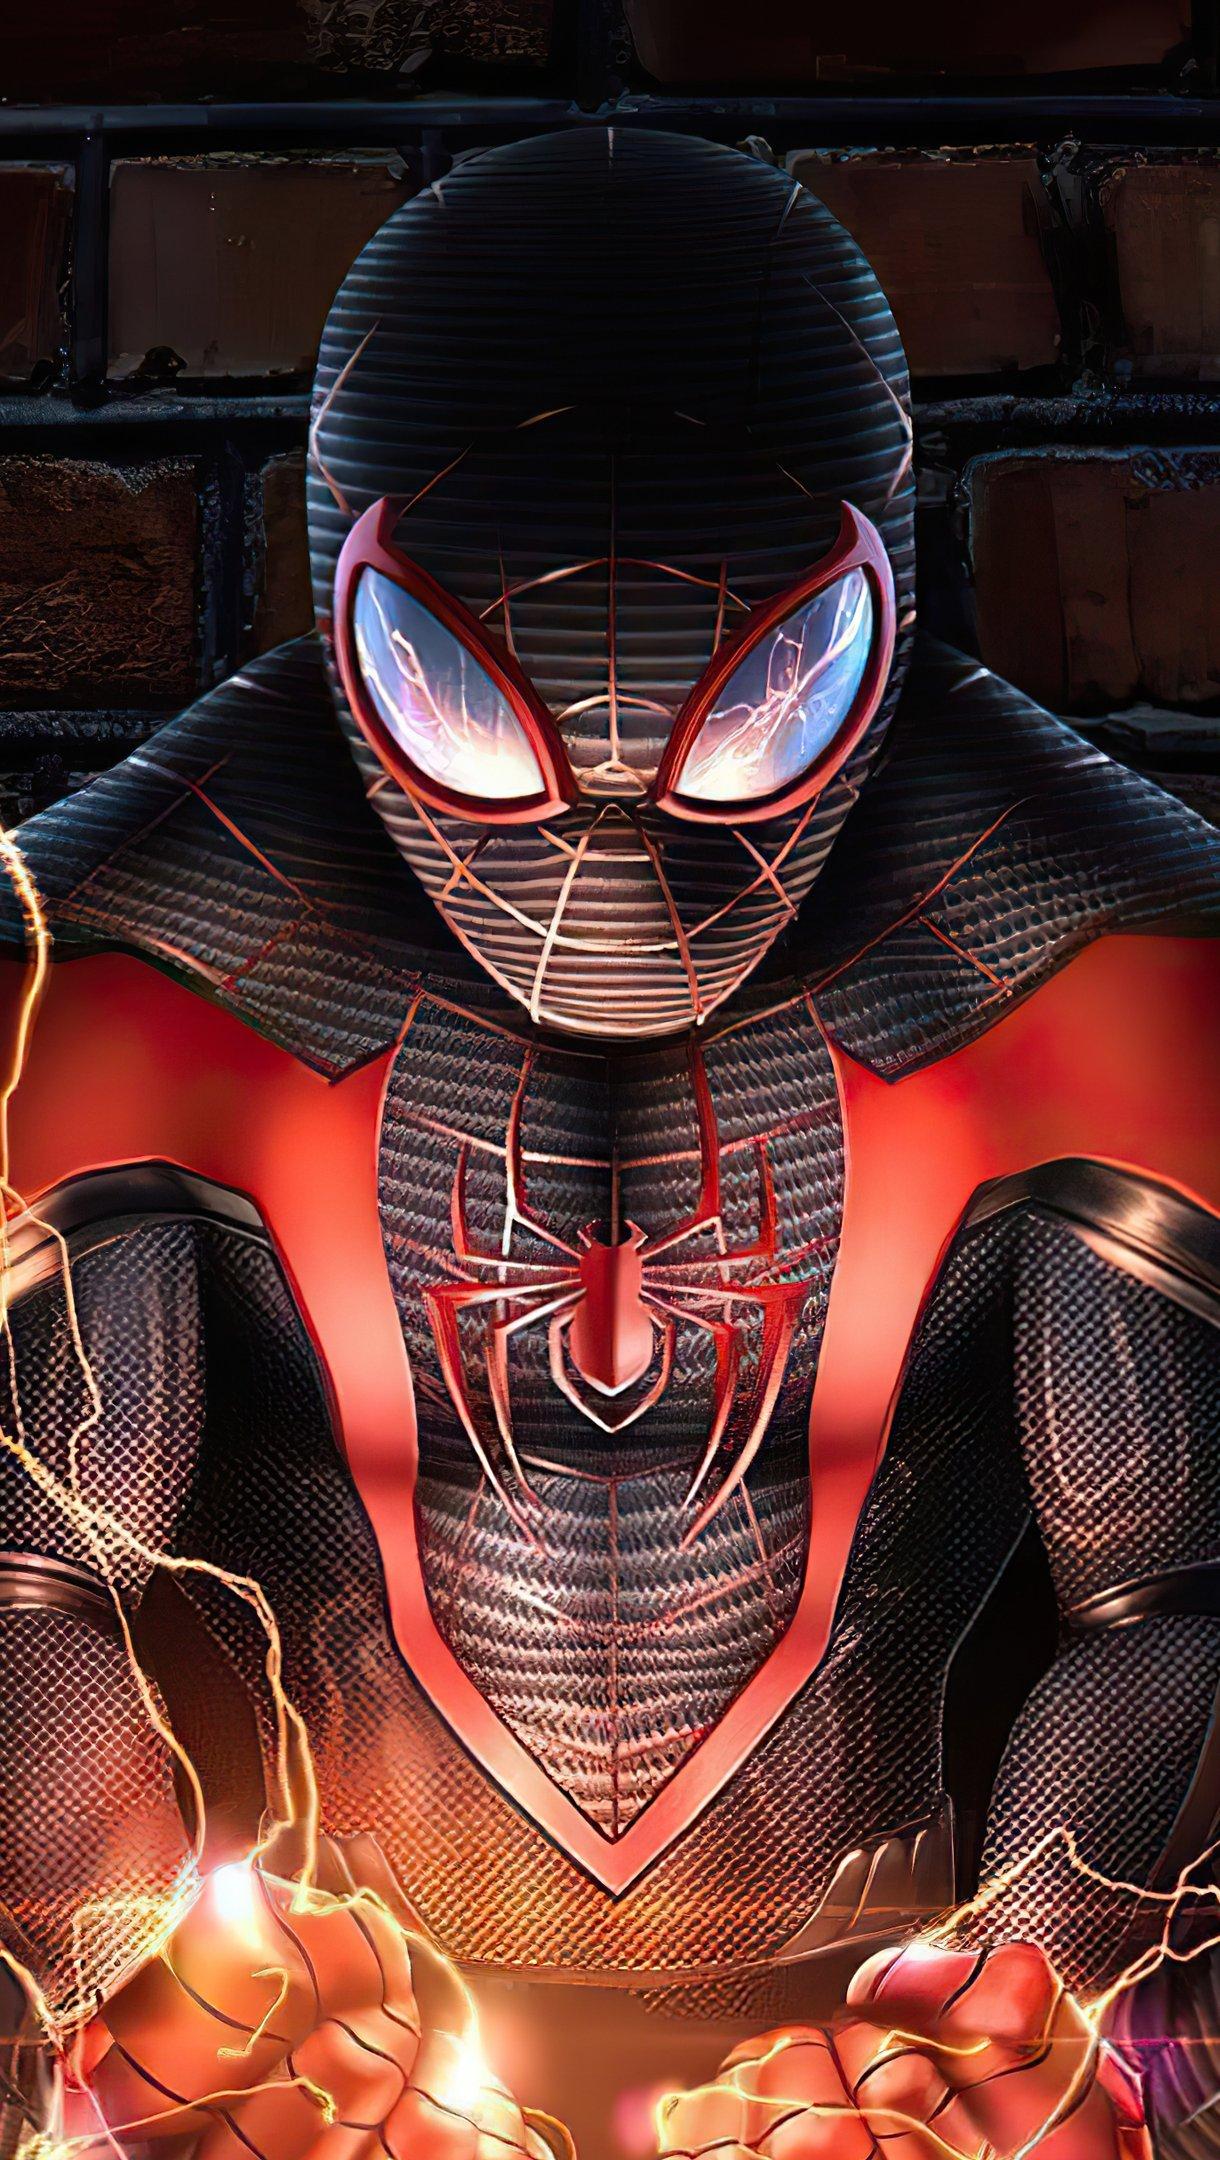 Fondos de pantalla El hombre araña Artwork Vertical